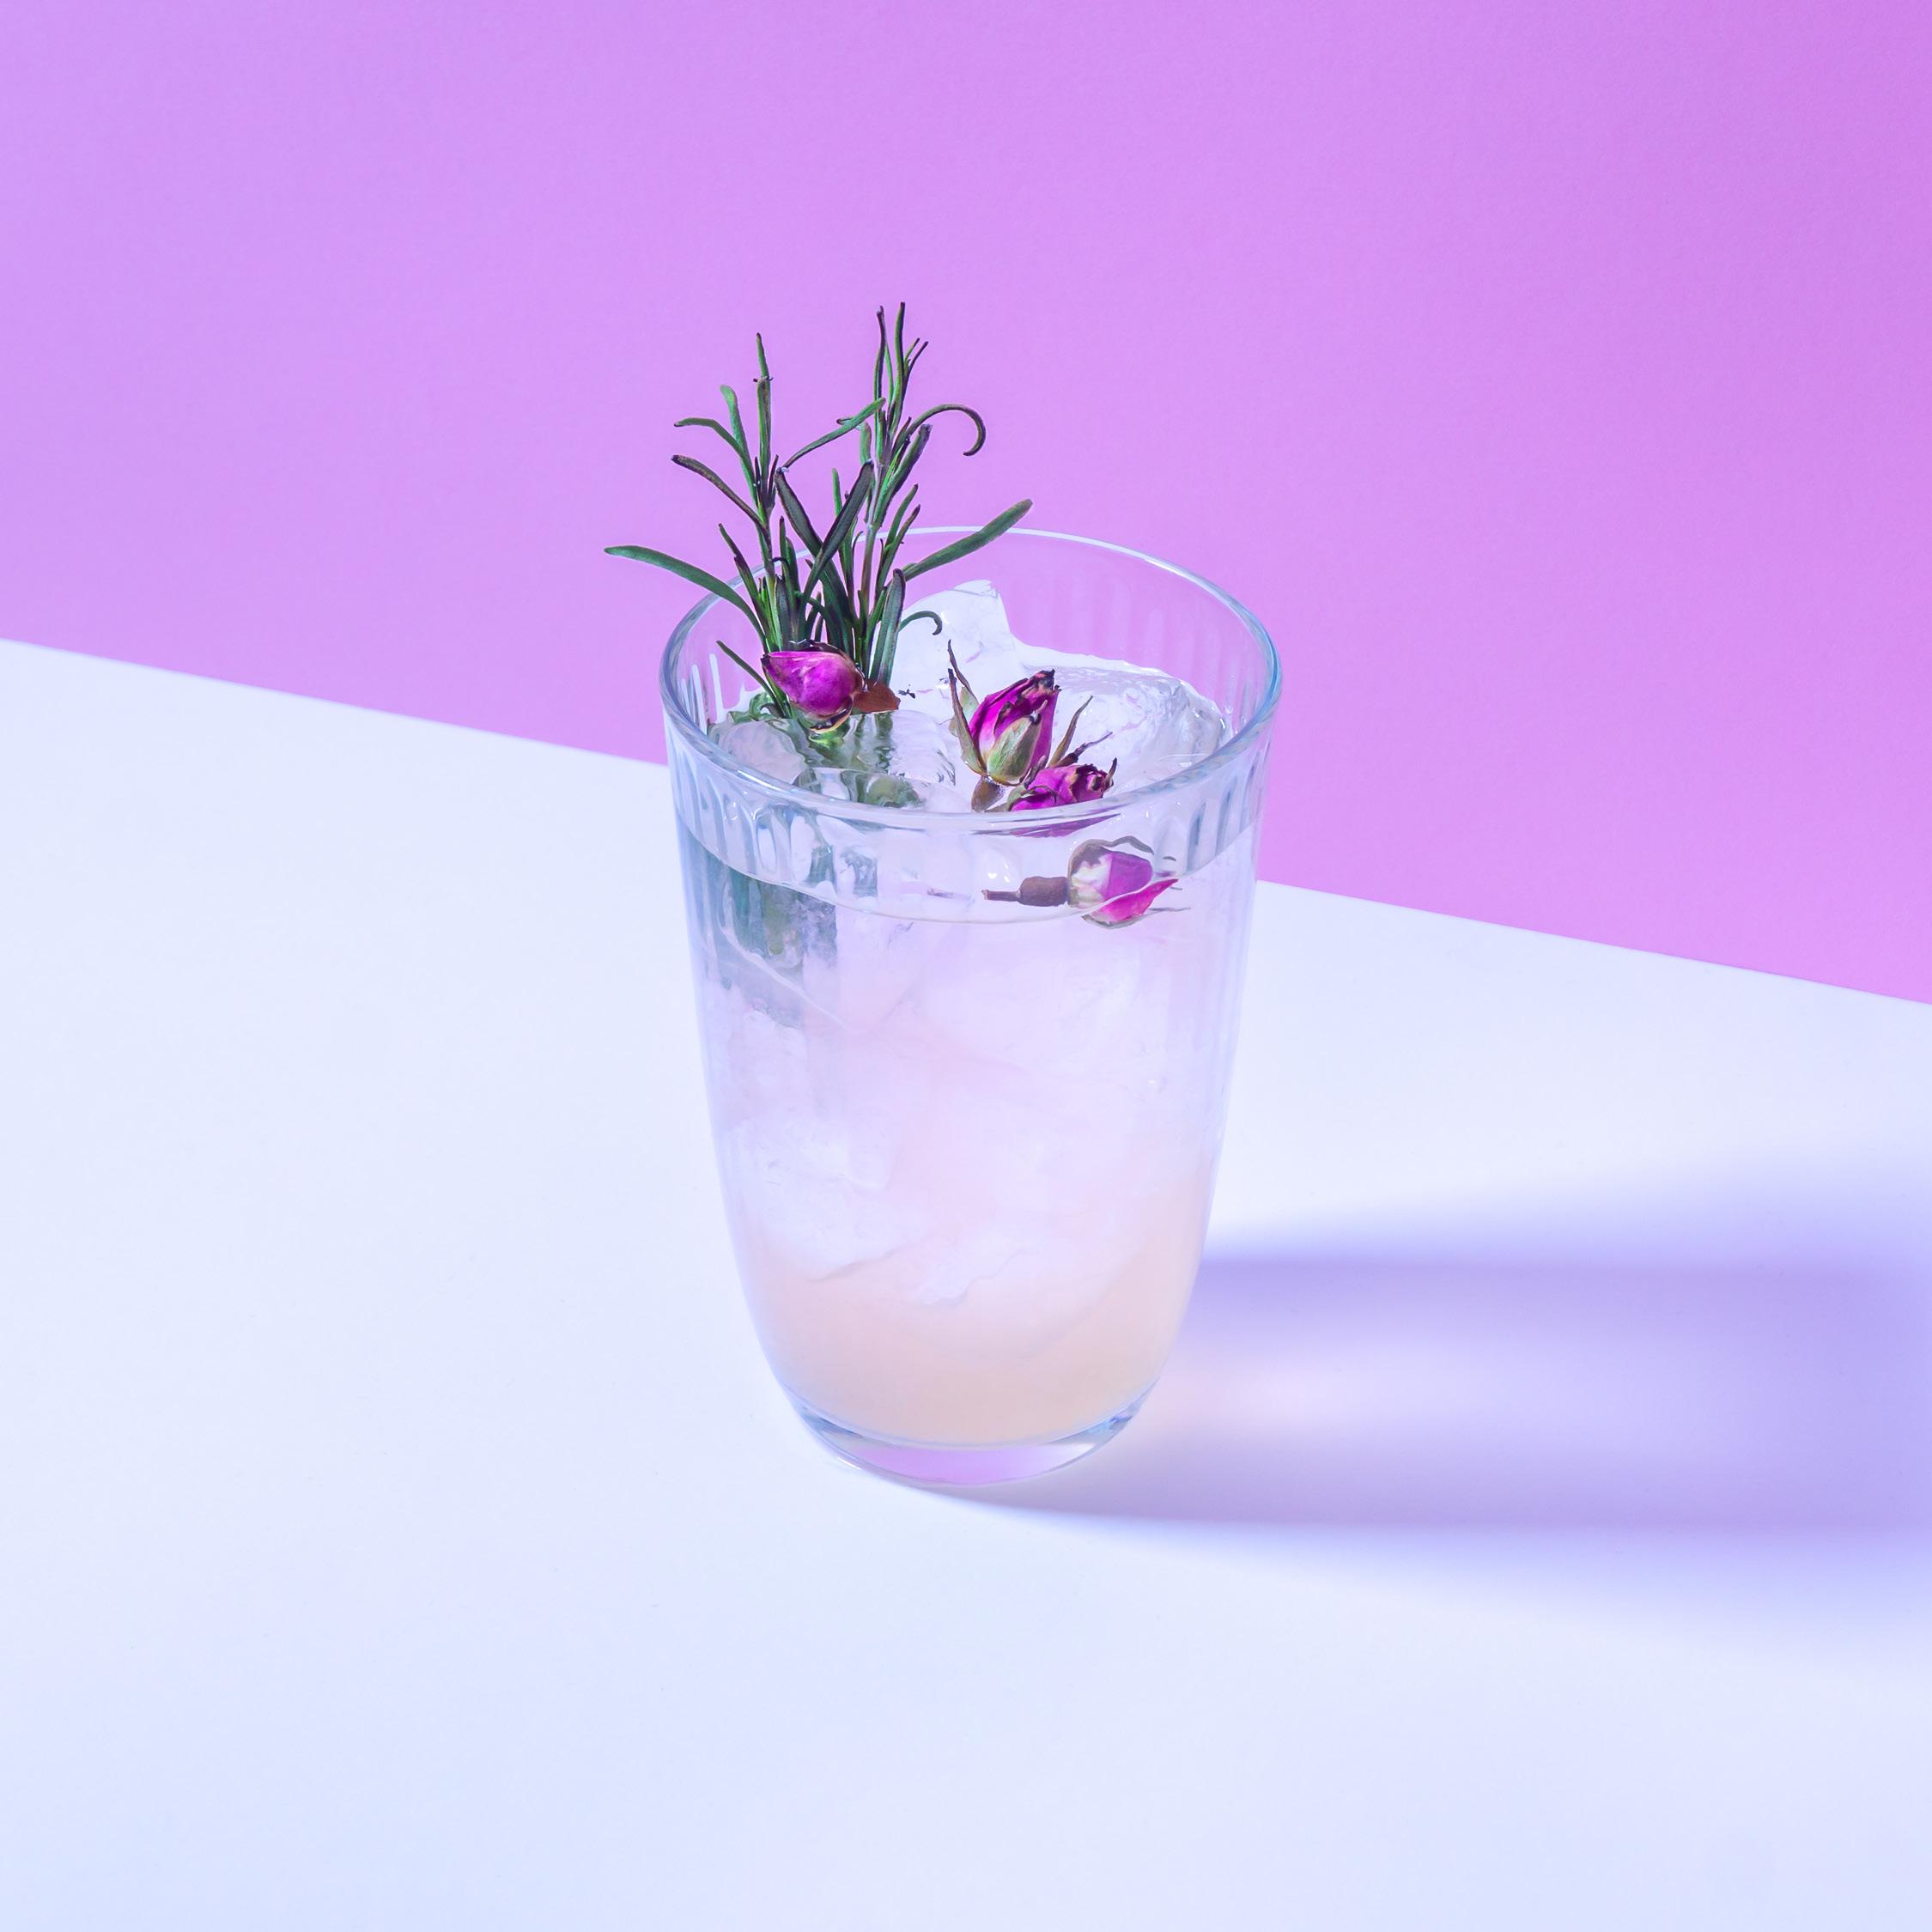 IVANKA DUMB   Rosenblüten eingelegt in Kegel One Wodka mit einem fruchtigen Rhabarber Likör, besprüht mit Orangenblütenwasser.